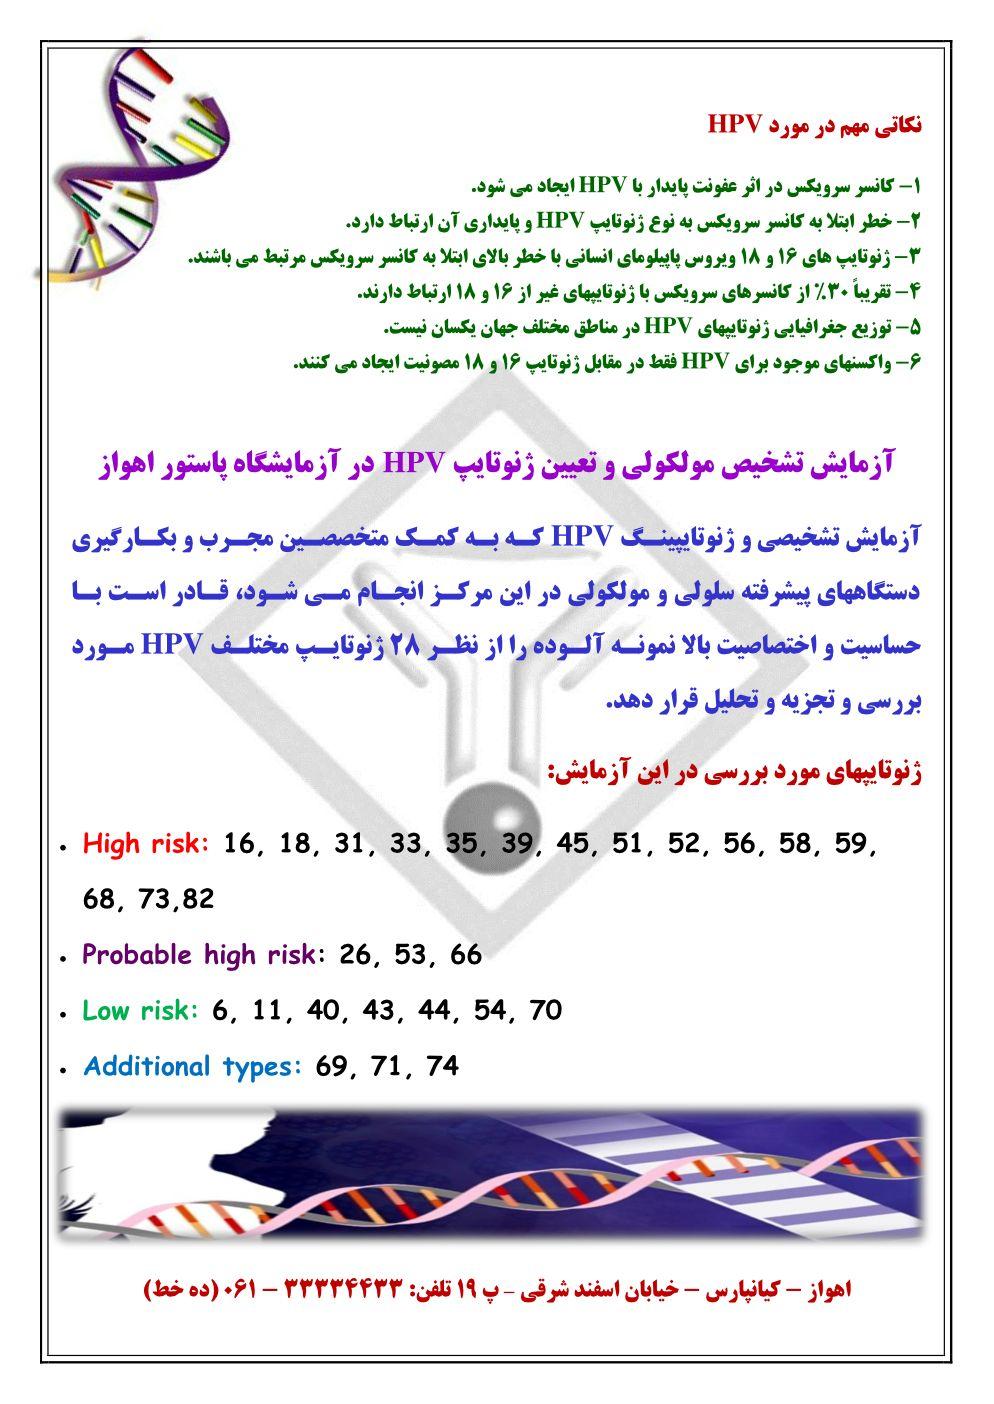 PL-HPV-AD-Assareh_2